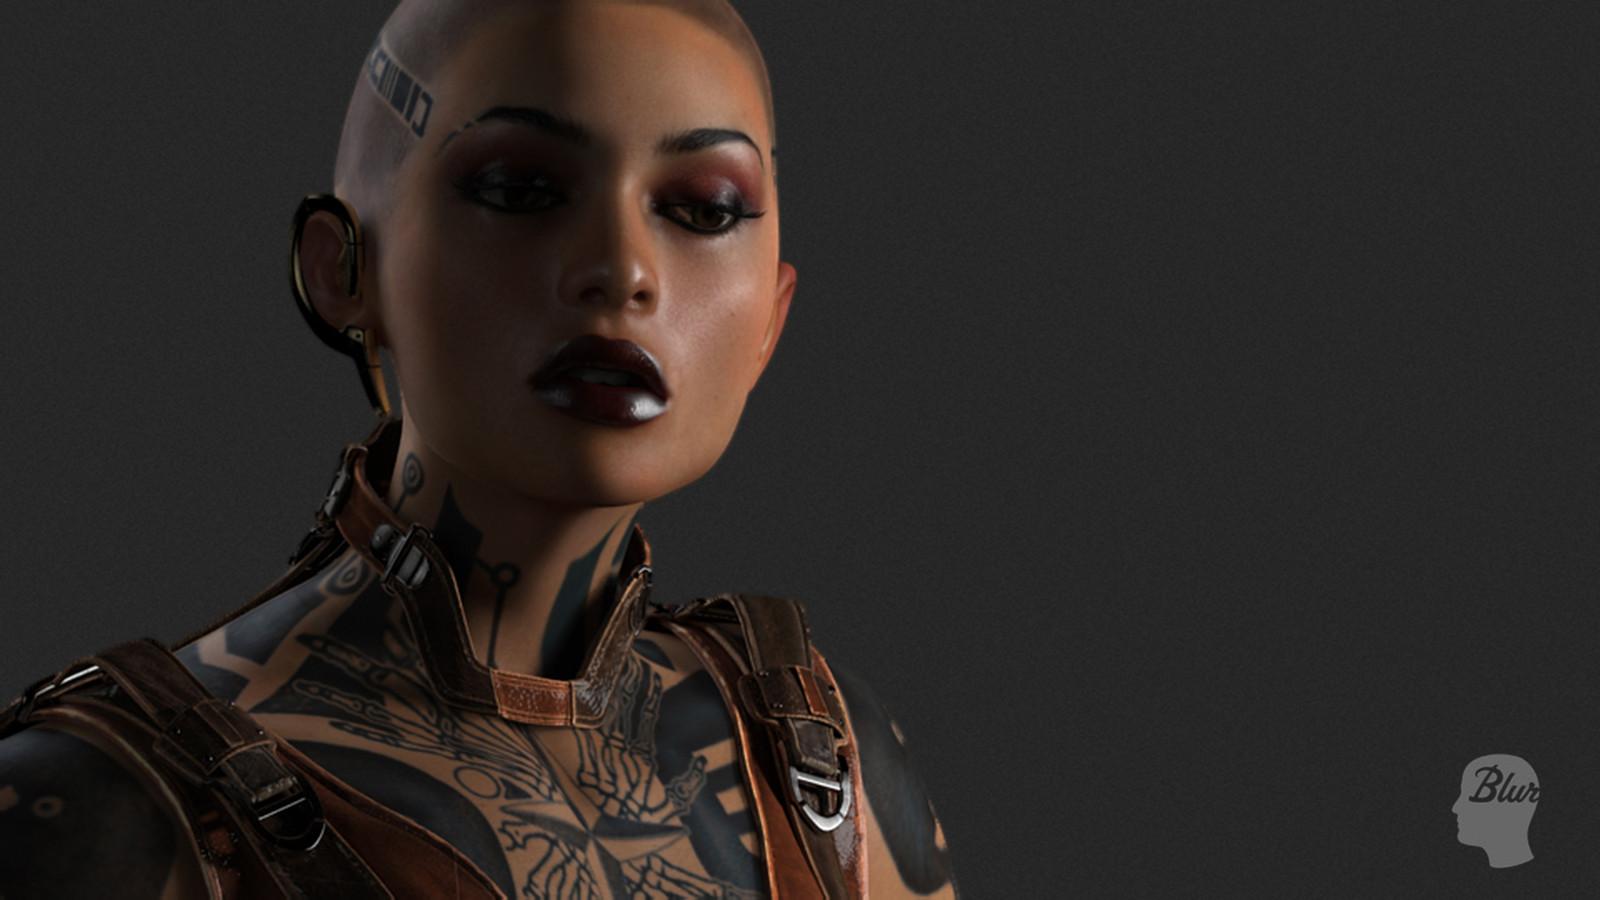 Mass Effect 2 - Jack